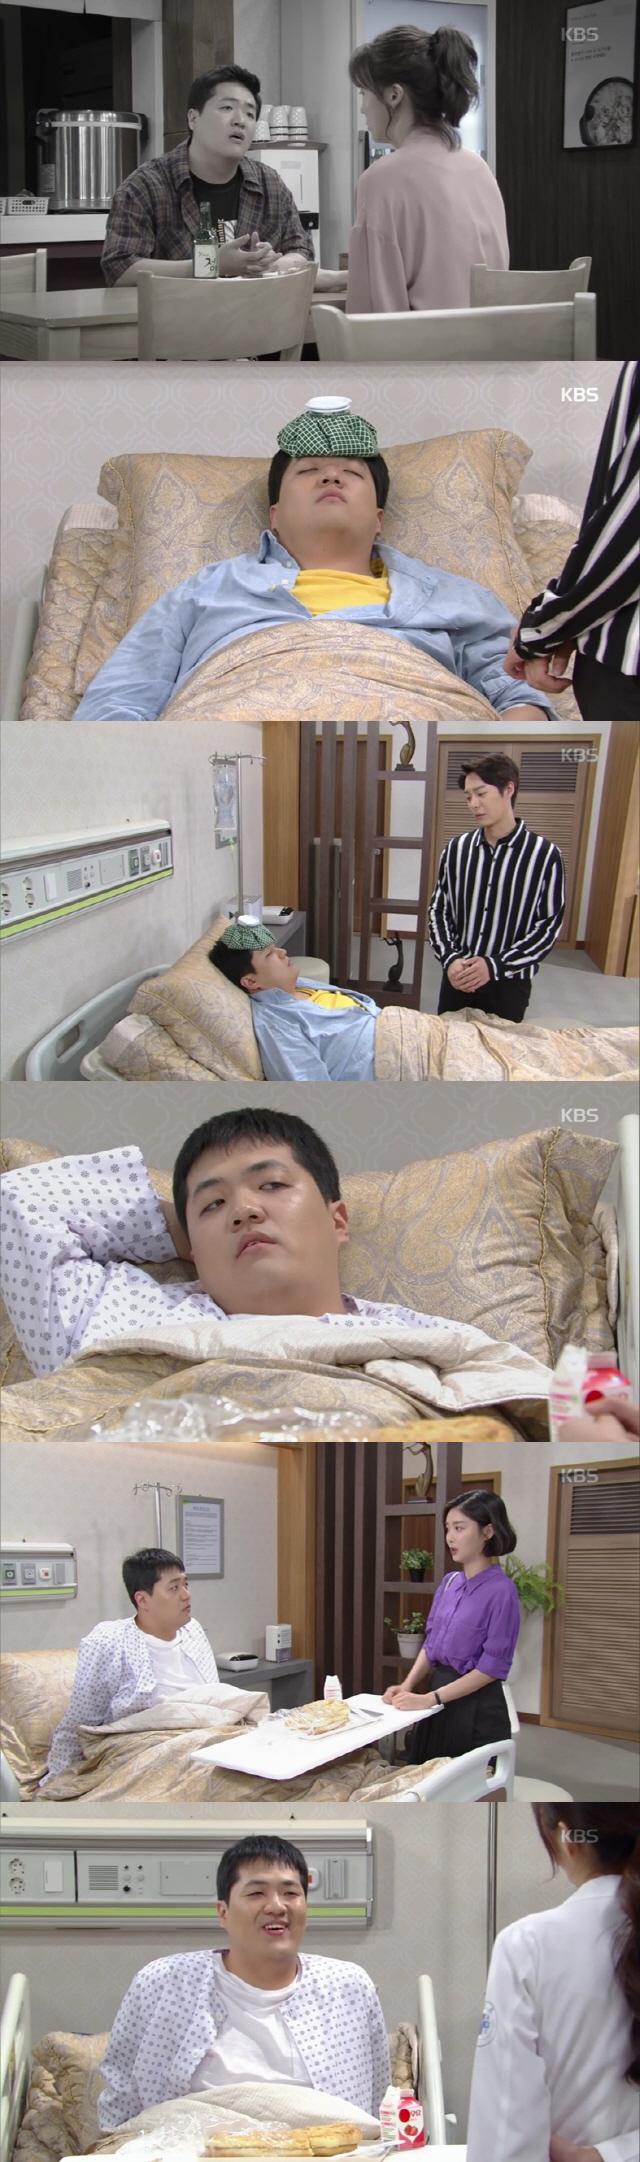 '세젤예' 남태부, 실연 아픔에 앓아누워도 개그감 폭발